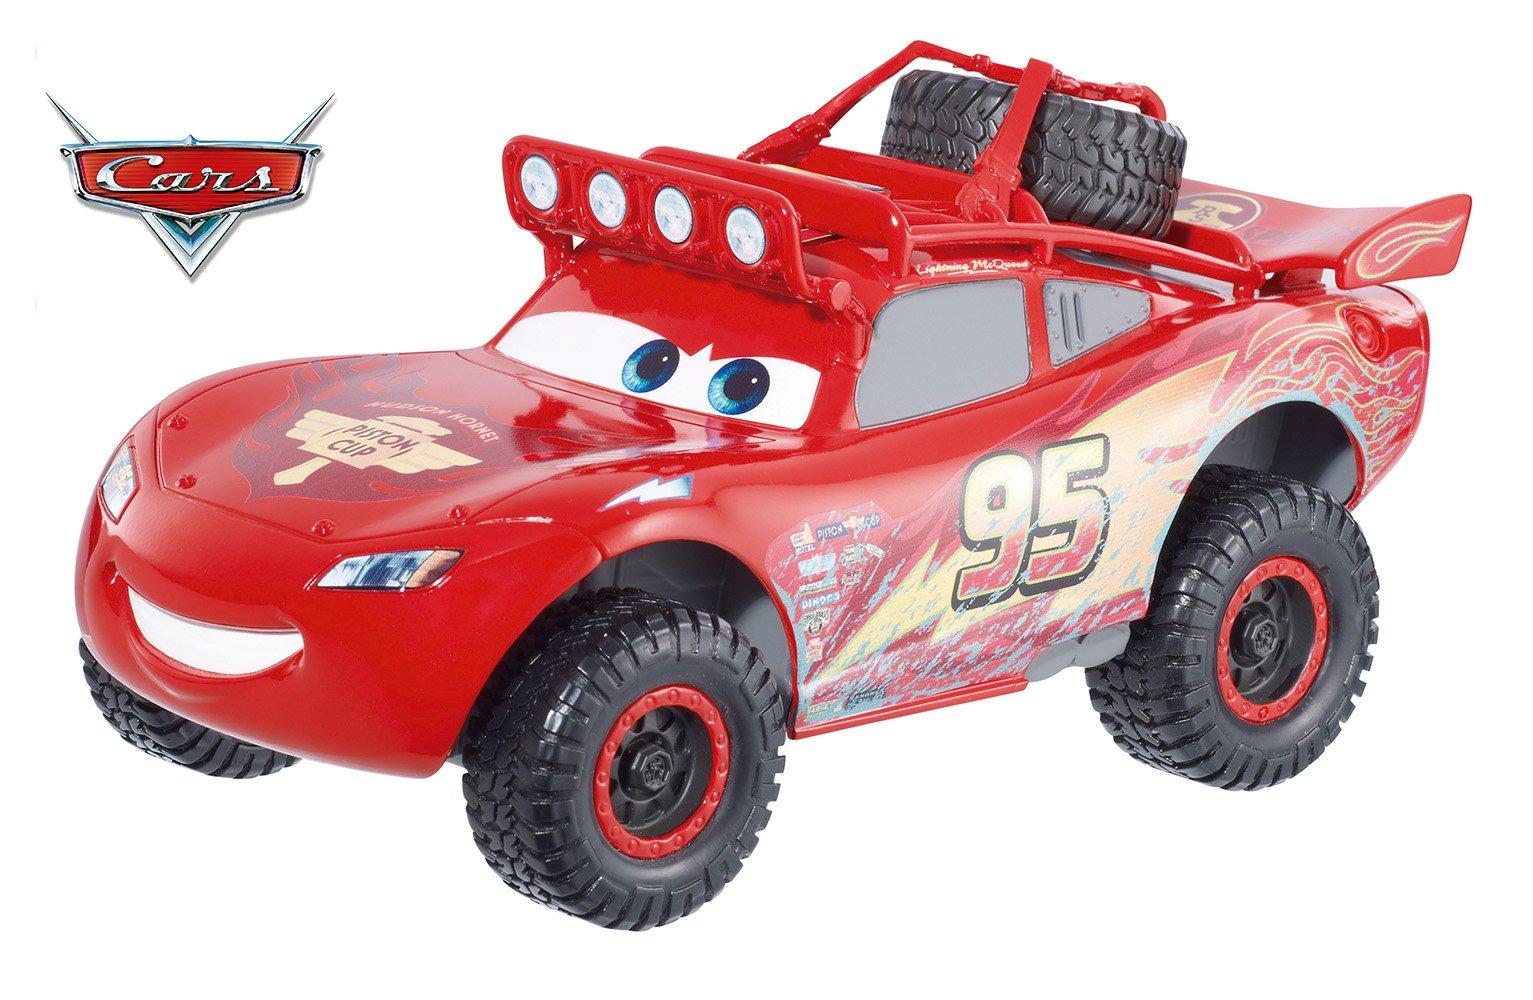 Cars promoci n juguetes y juegos - Juguetes de cars disney ...